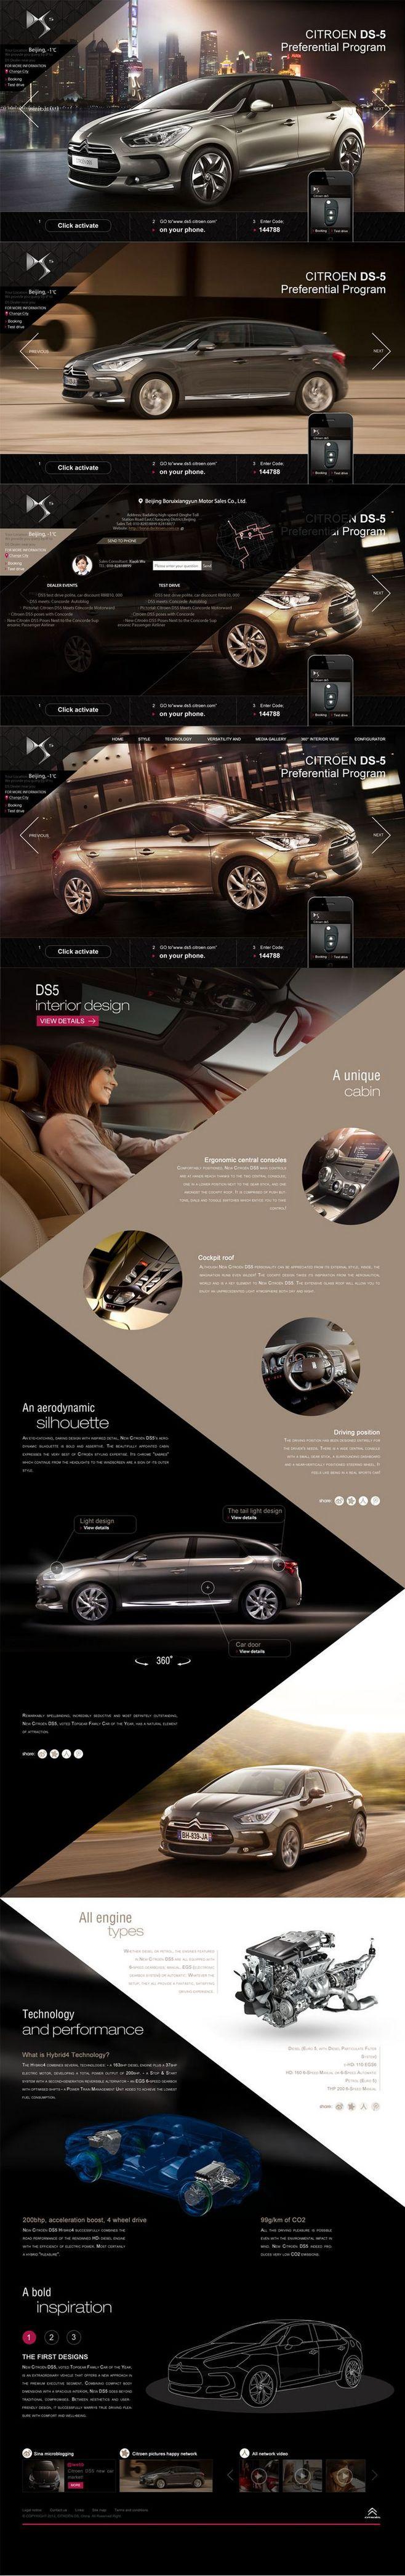 汽车专题 - 淘宝-飞梵采集到Web.I...